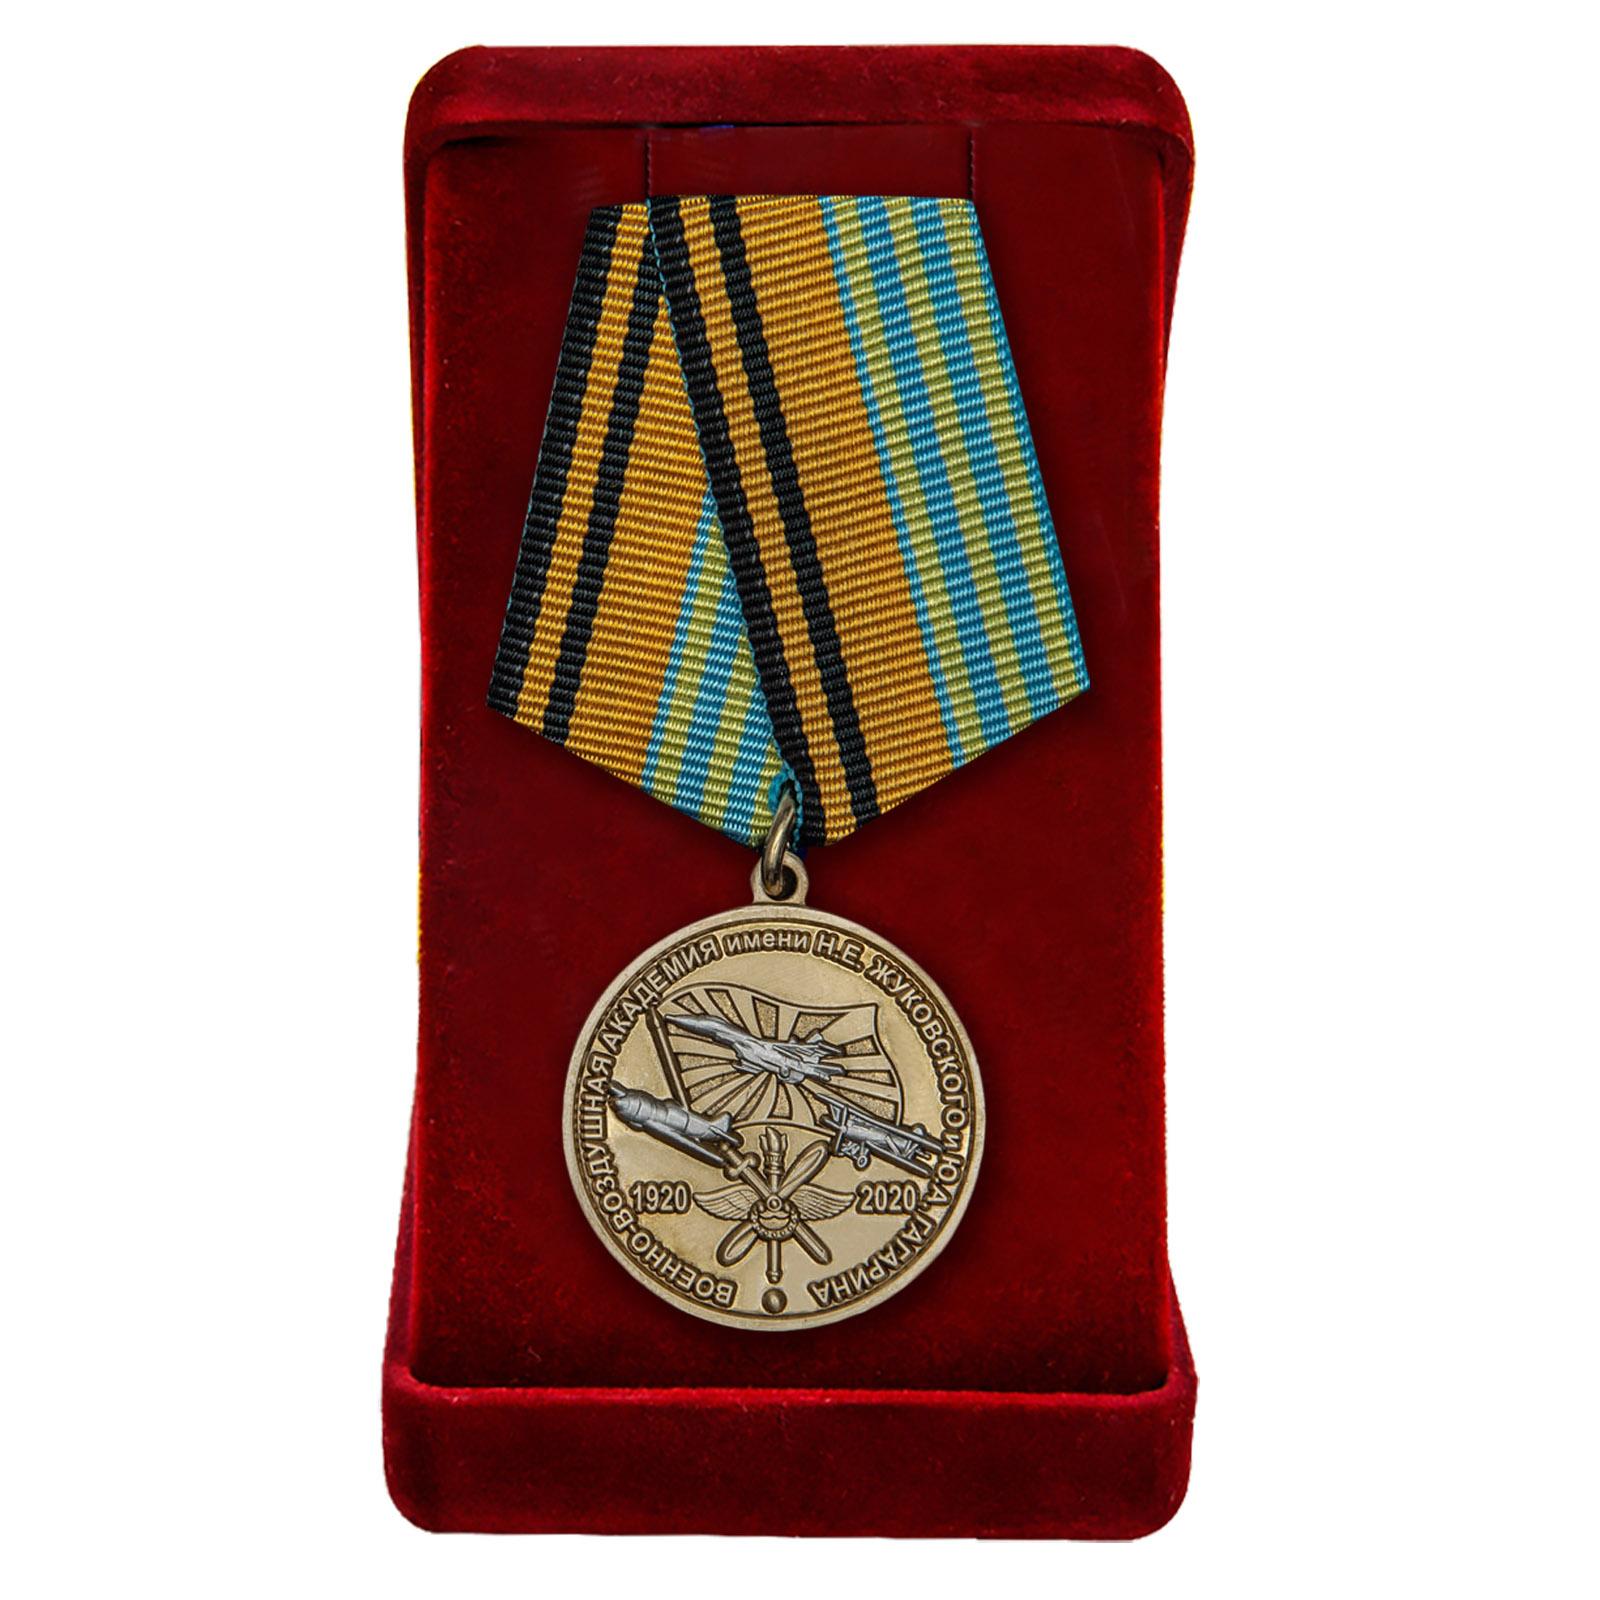 Купить медаль 100 лет Военно-воздушной академии им. Н.Е. Жуковского и Ю.А. Гагарина выгодно